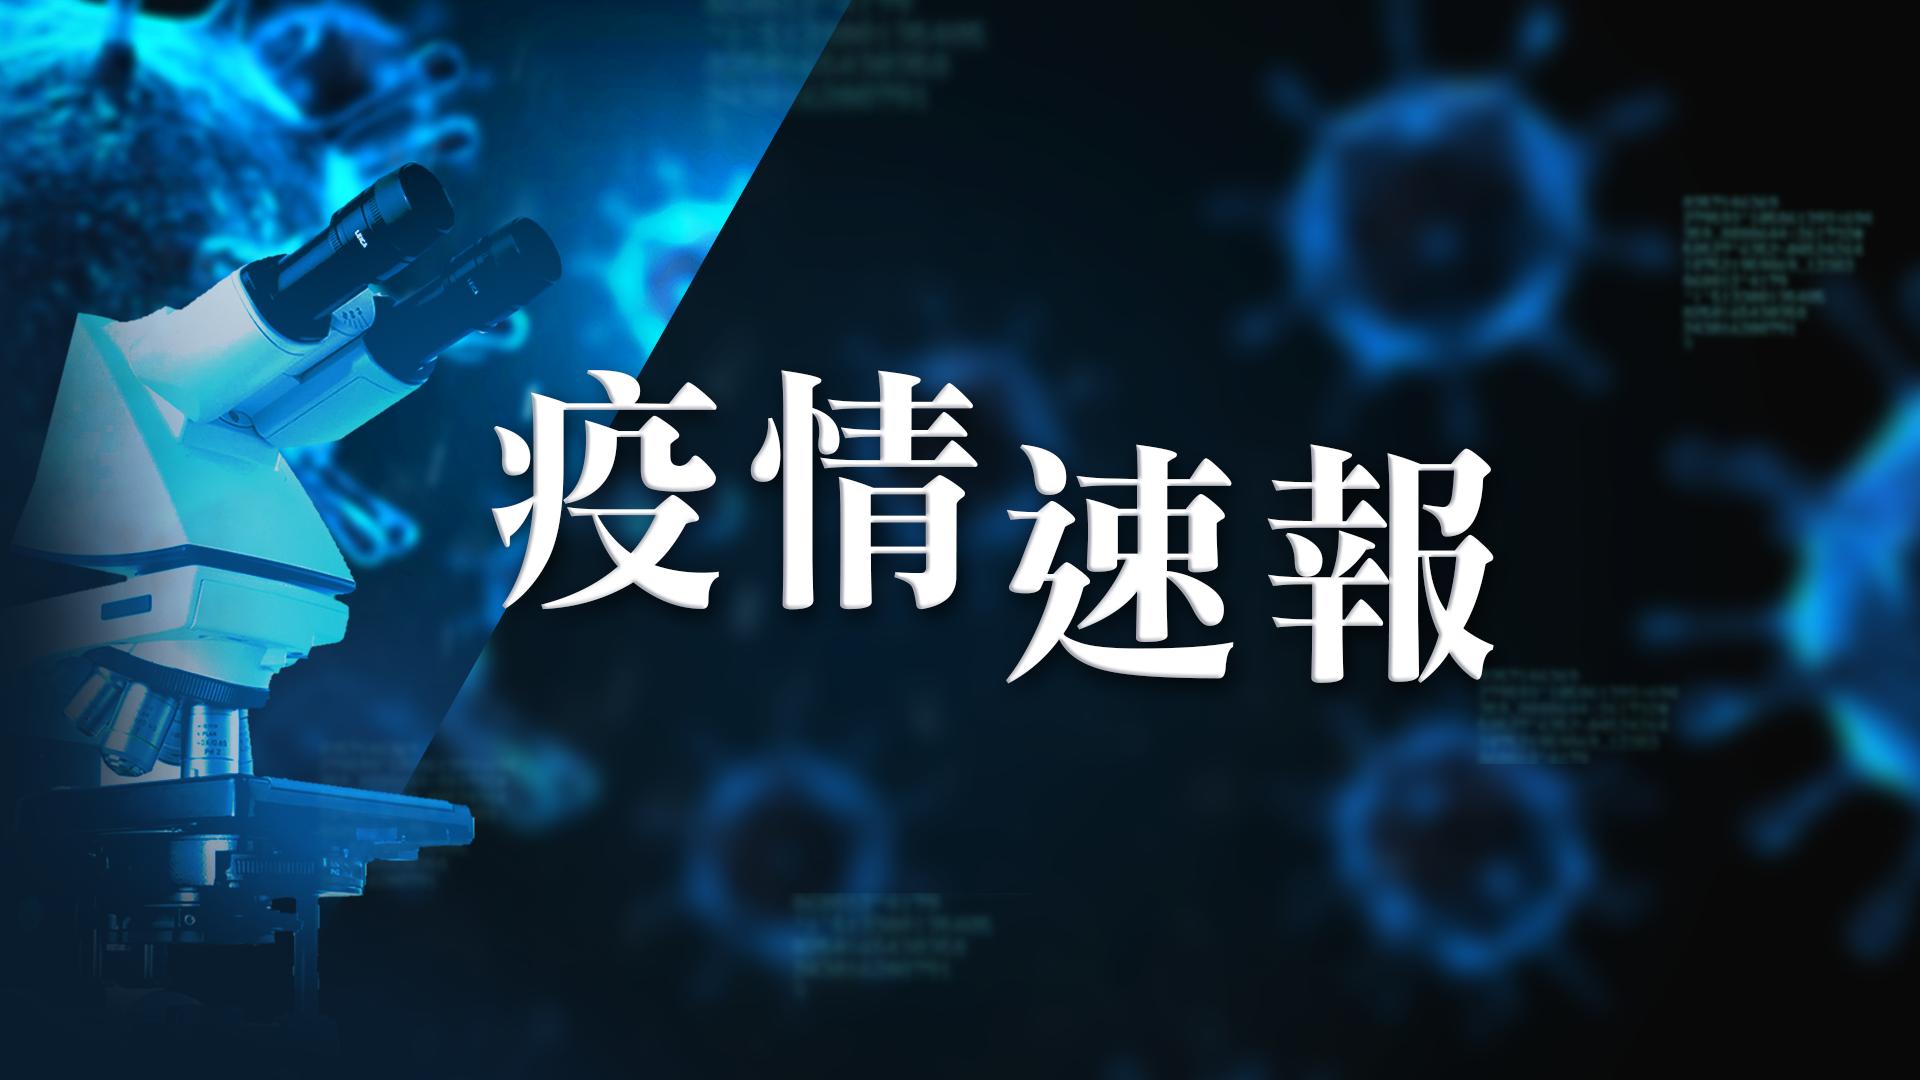 【2月19日疫情速報】(10:45)